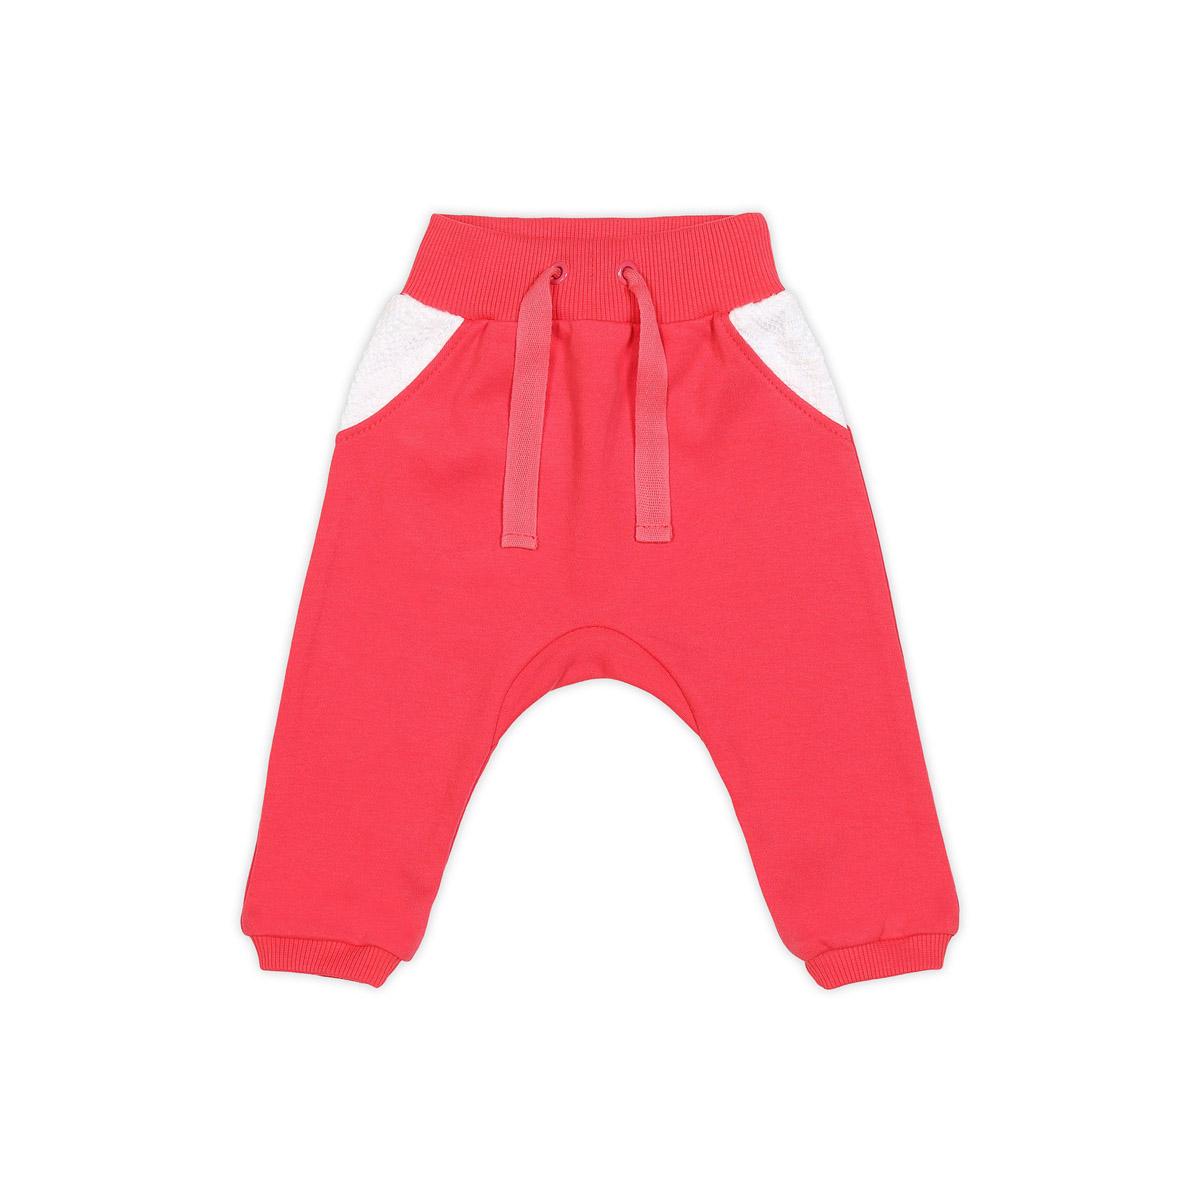 Ползунки без ножек Ёмаё Спорт (26-266) рост 80 ярко-розовый<br>